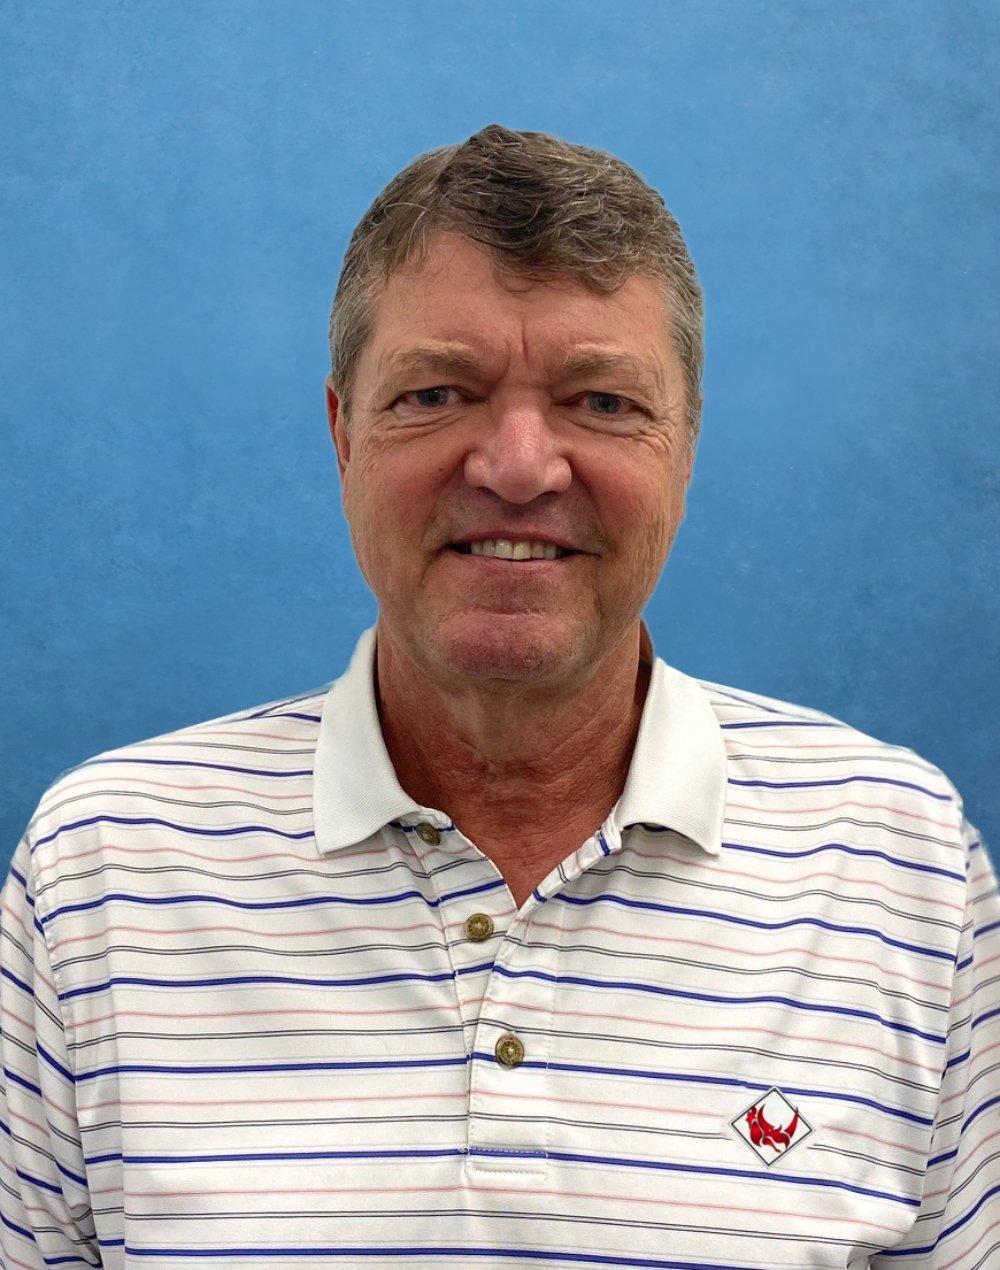 Steve Babbit